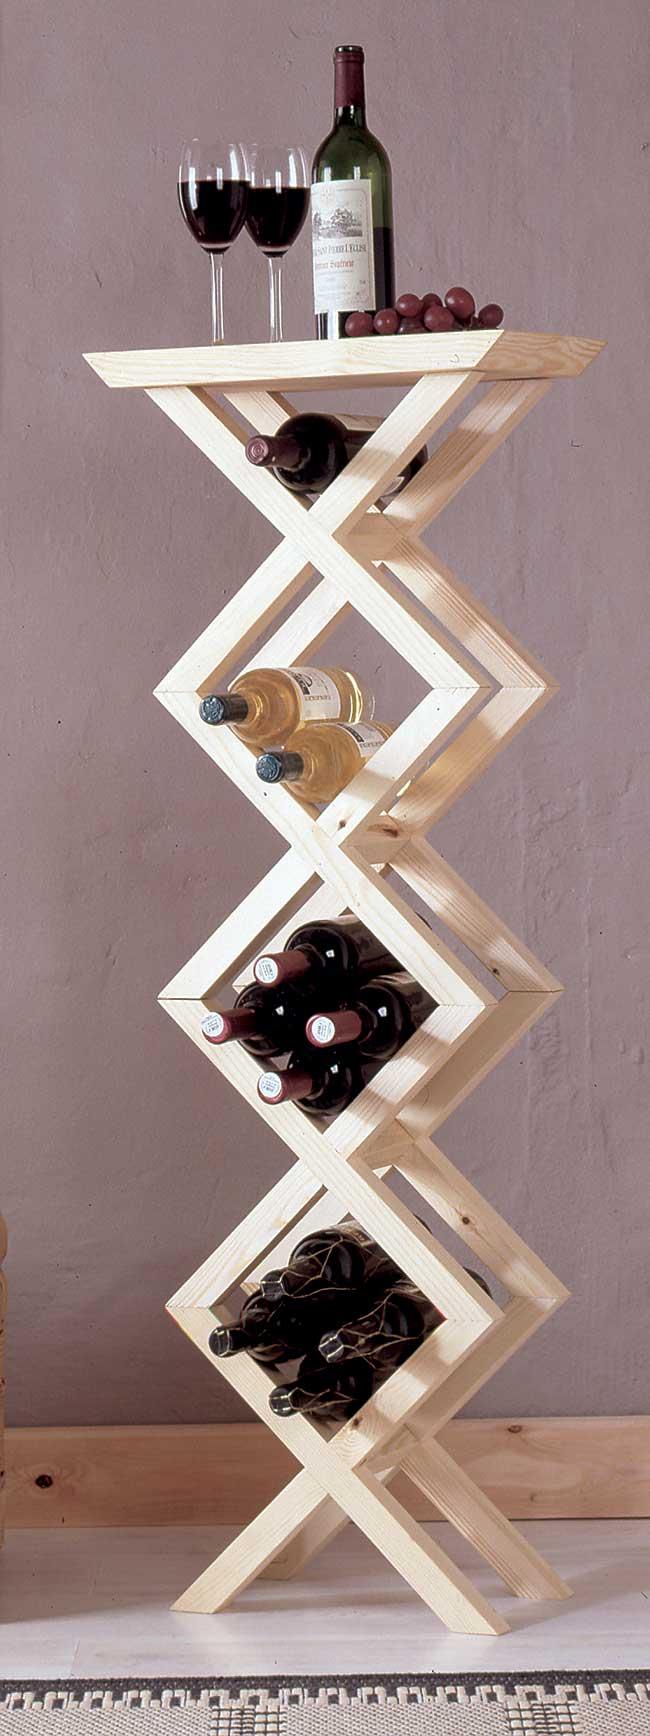 Portabottiglie fai da te modulare guida alla costruzione for Porta vino fai da te